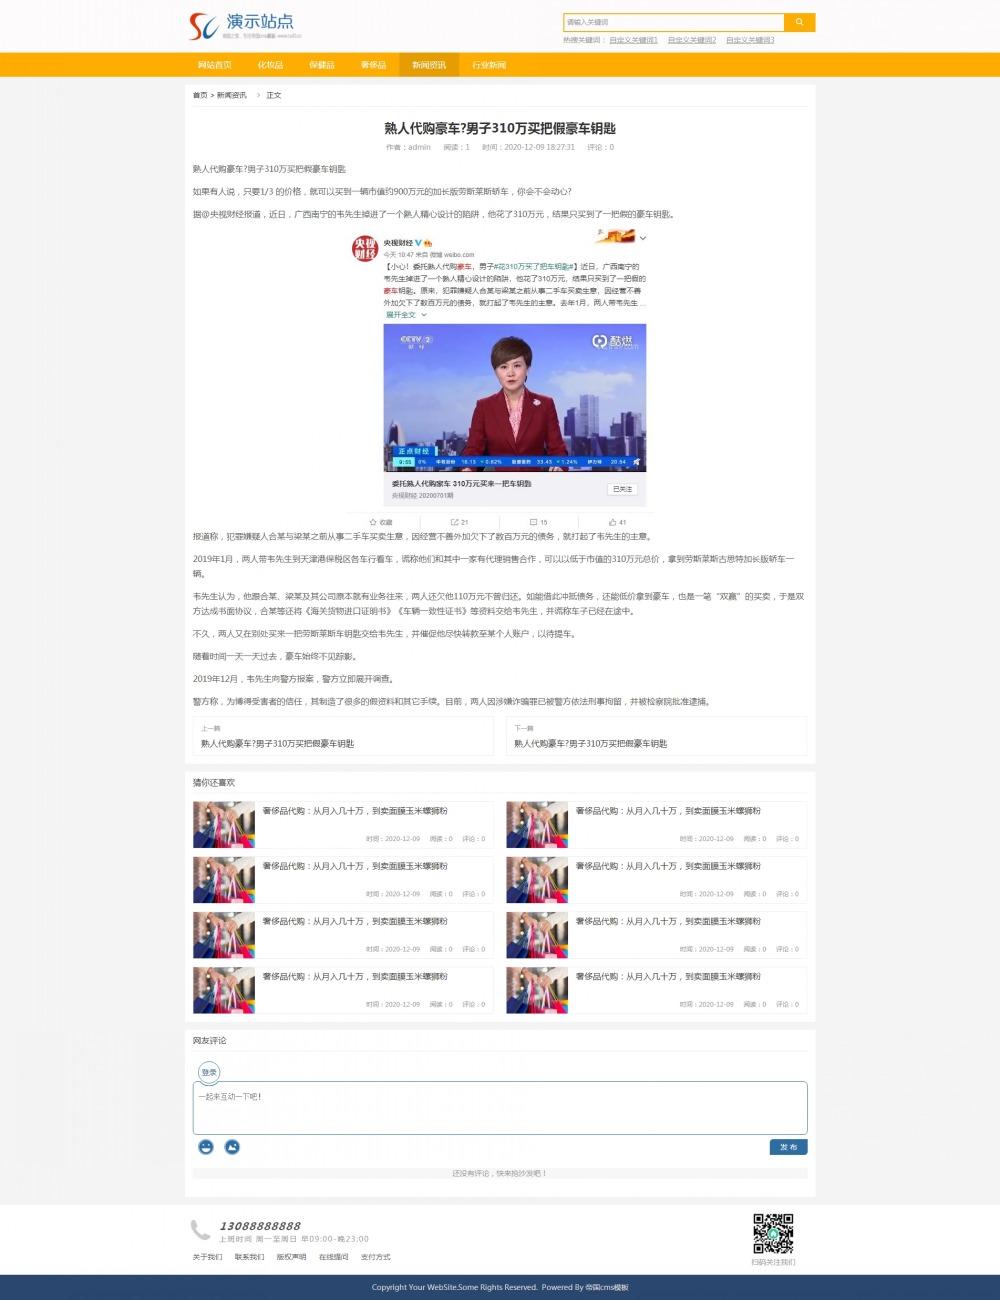 5新闻内容页.jpg [DG-0173]帝国CMS响应式海外代购模板,自适应淘宝客产品网站模板 企业模板 第5张